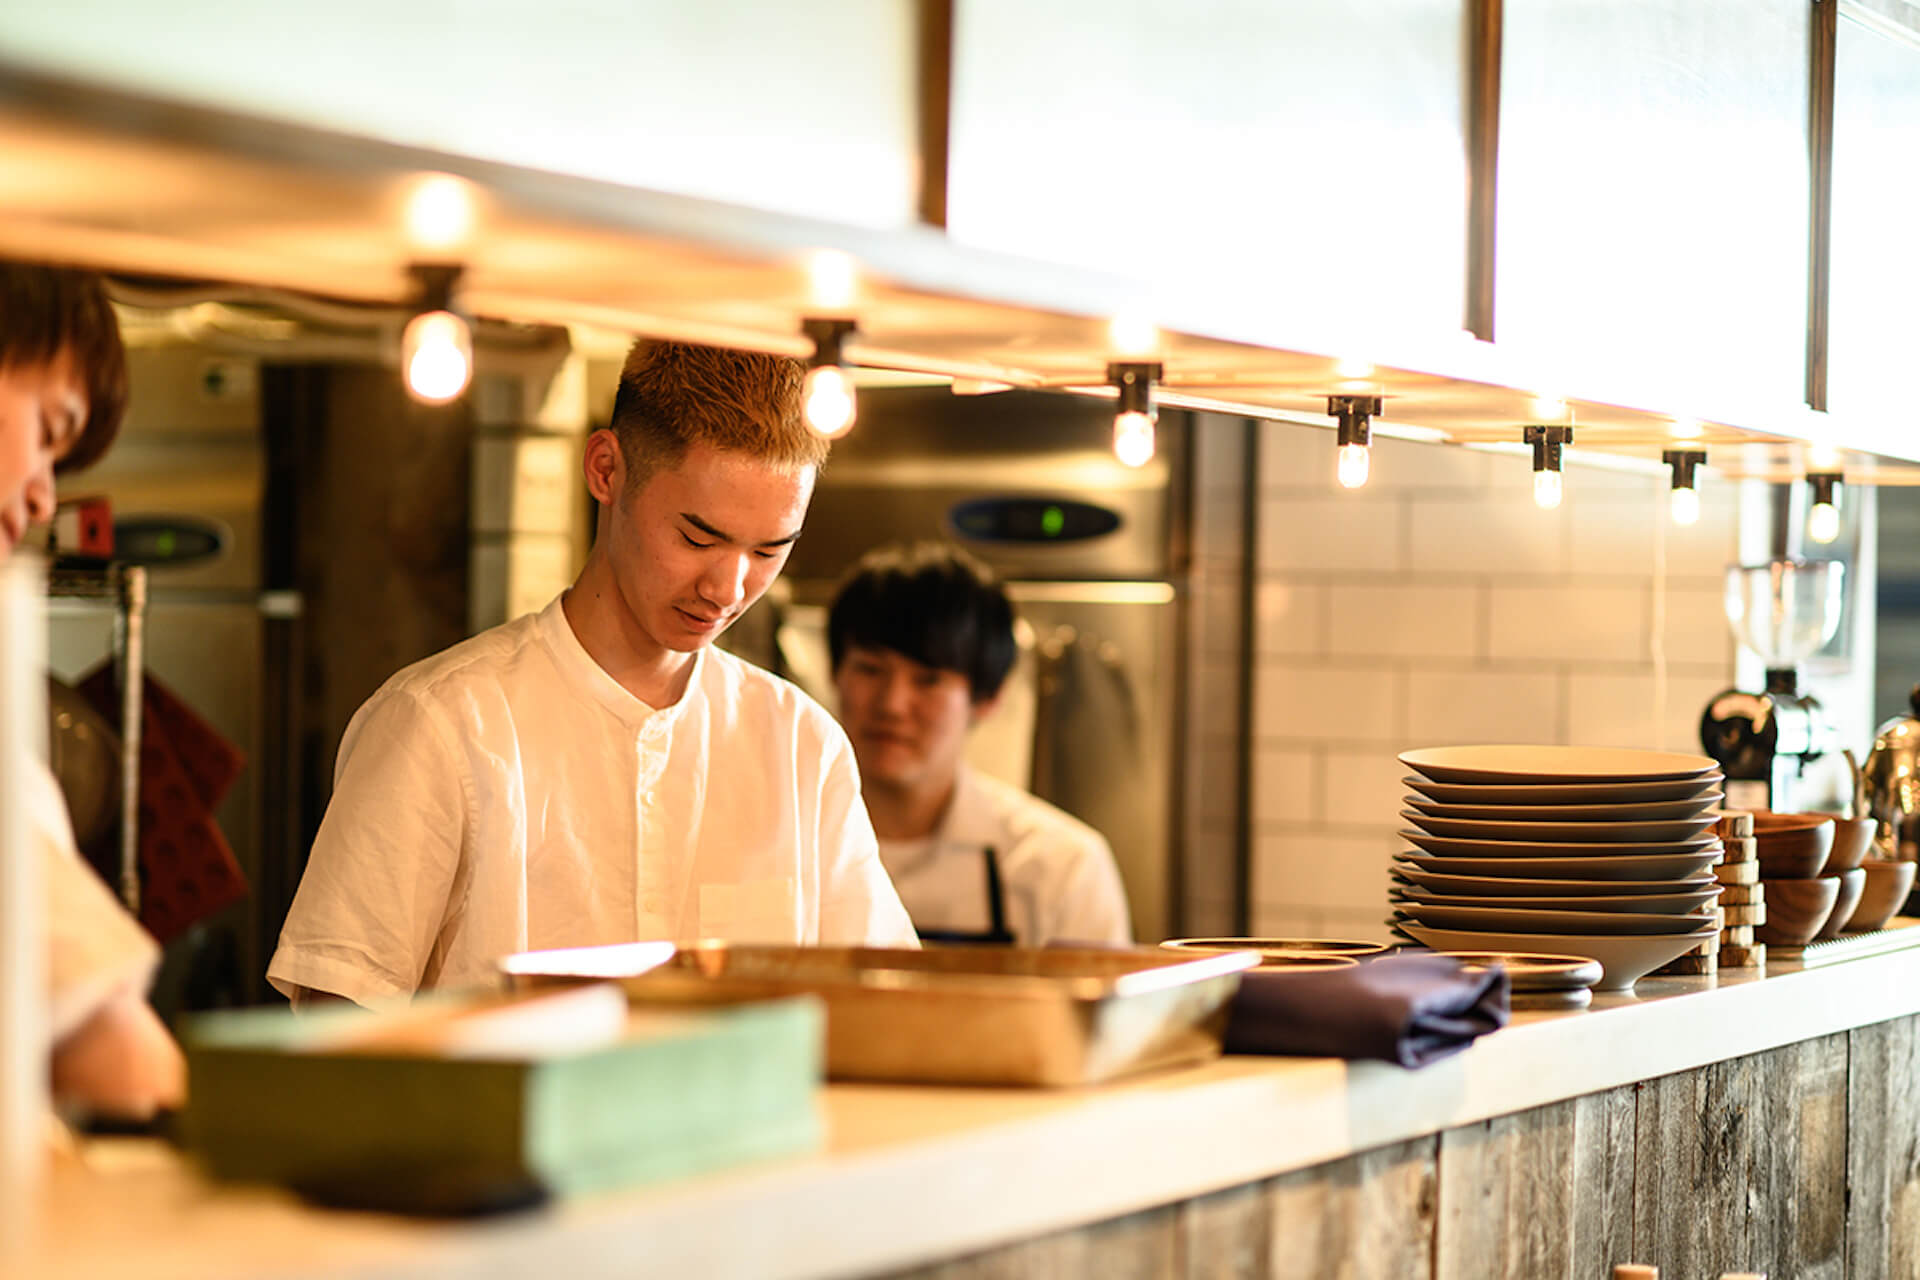 代々木上原の人気レストラン『sio』のオーナーシェフ鳥羽周作氏が語る、料理業界にかける熱い思い gourmet201119_mondoalfa_sio_10